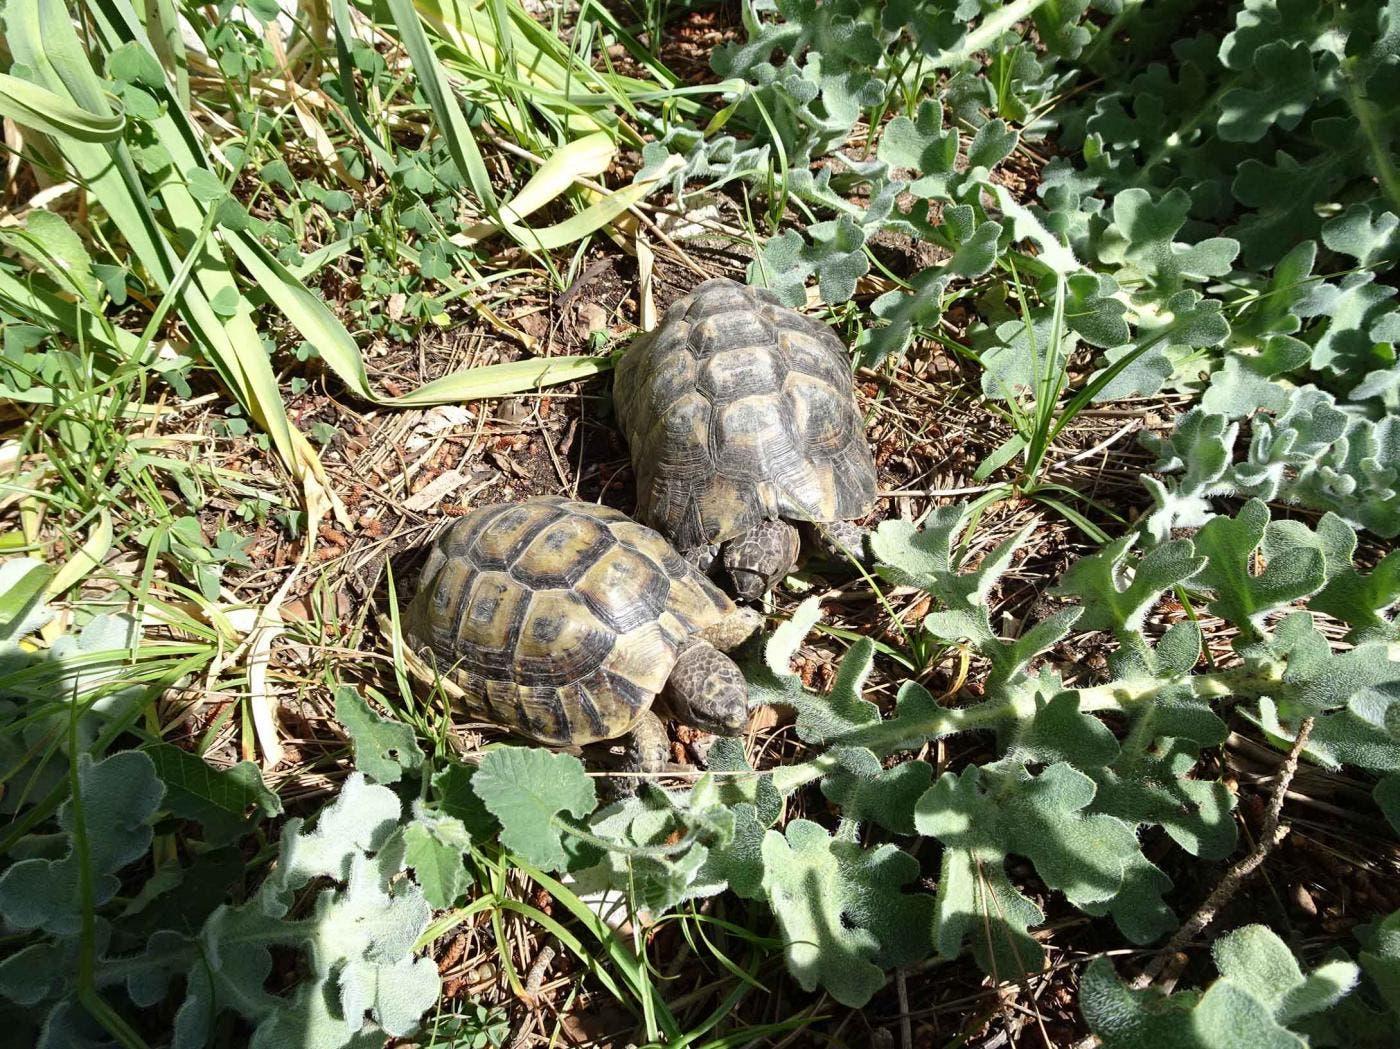 Stolen Turtles